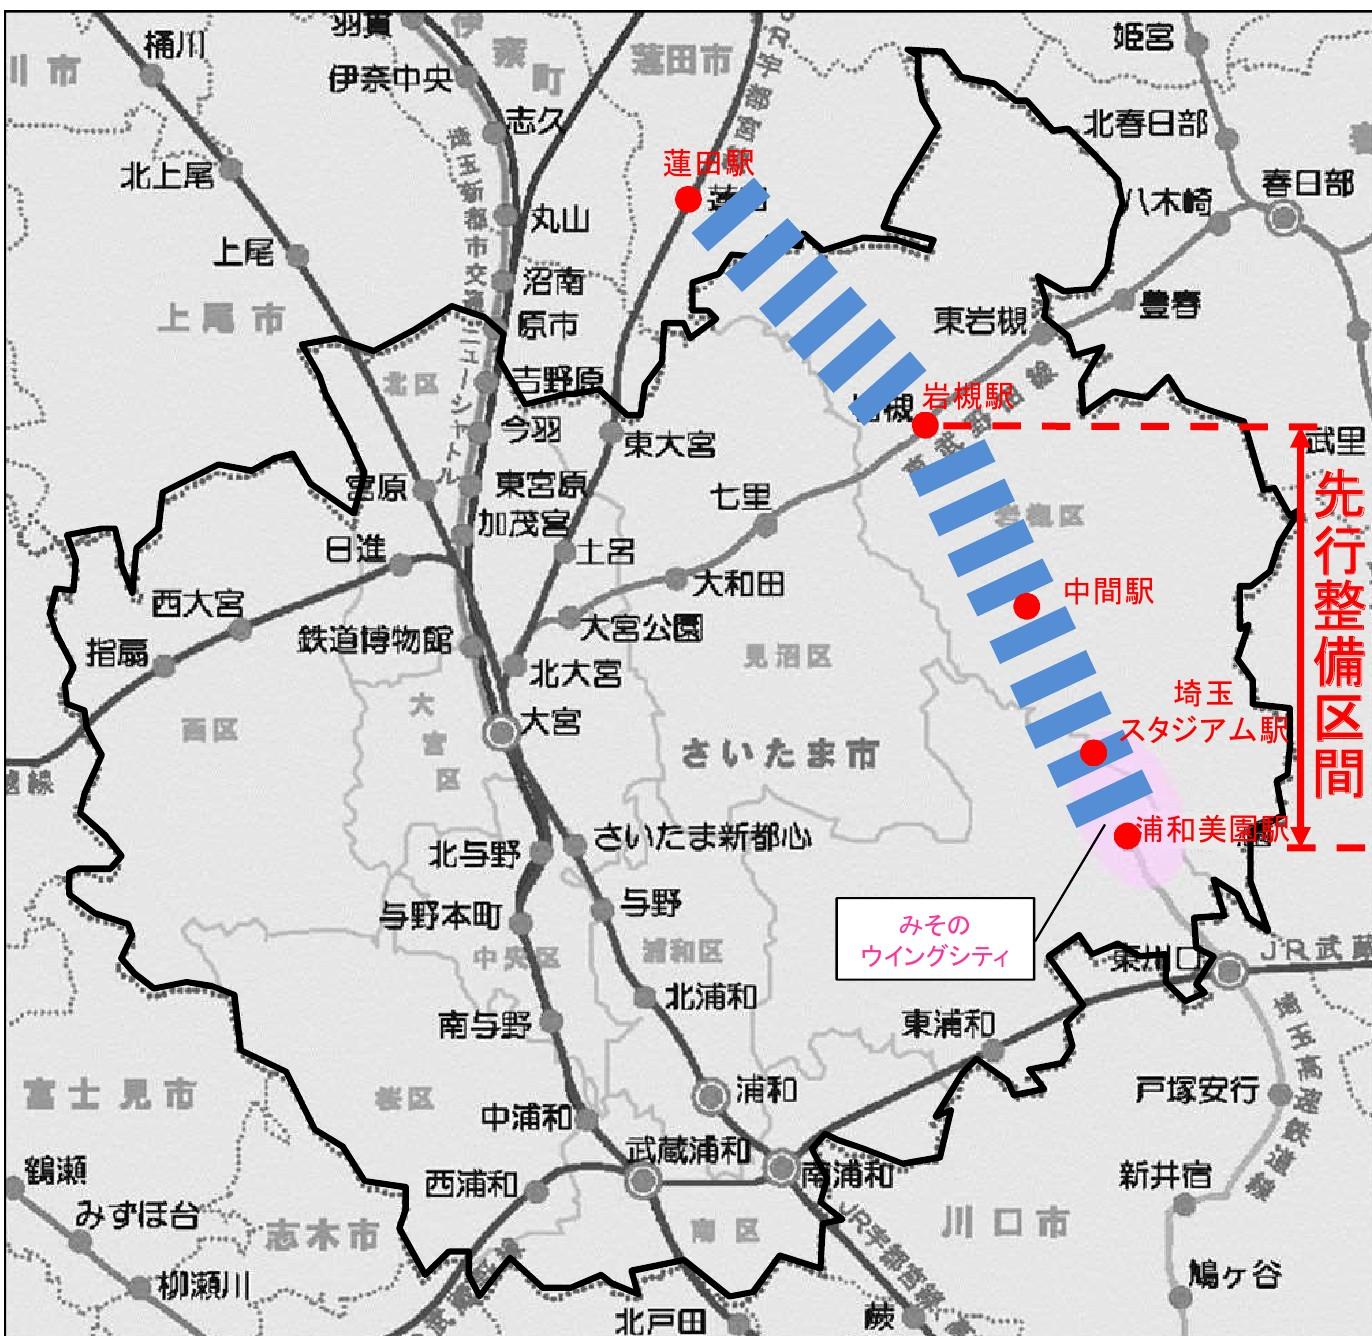 埼玉高速鉄道延伸計画